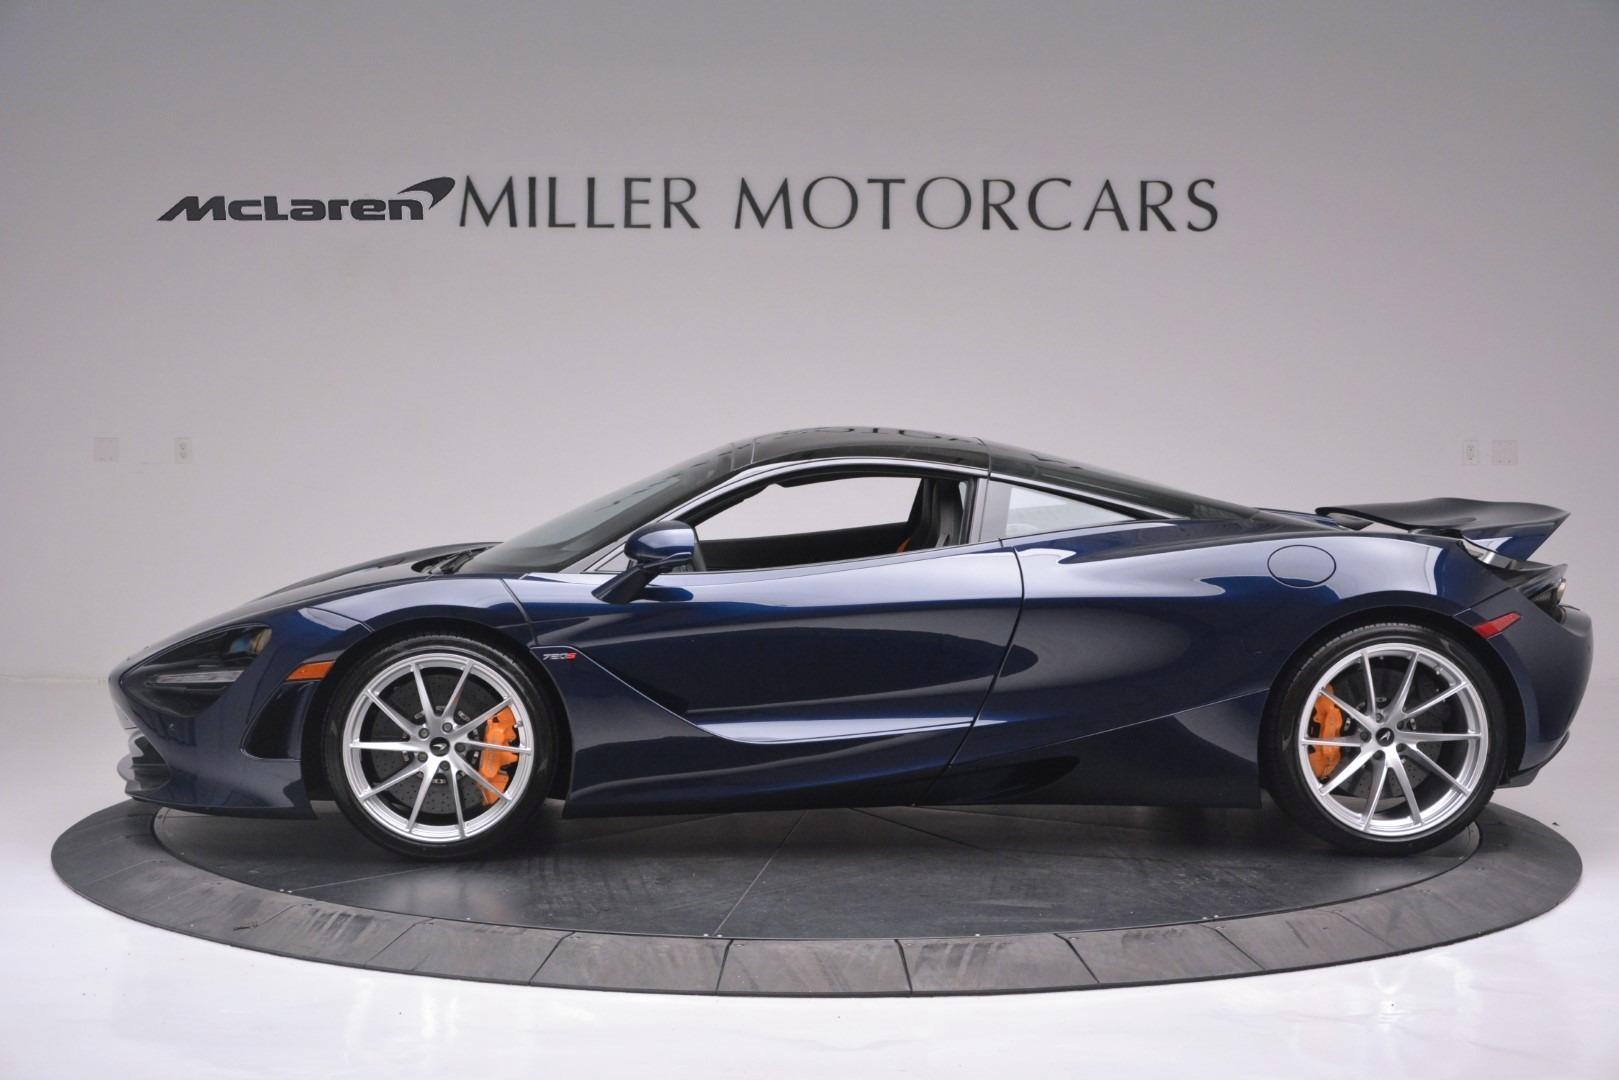 New 2019 McLaren 720S Coupe For Sale In Westport, CT 2730_p3